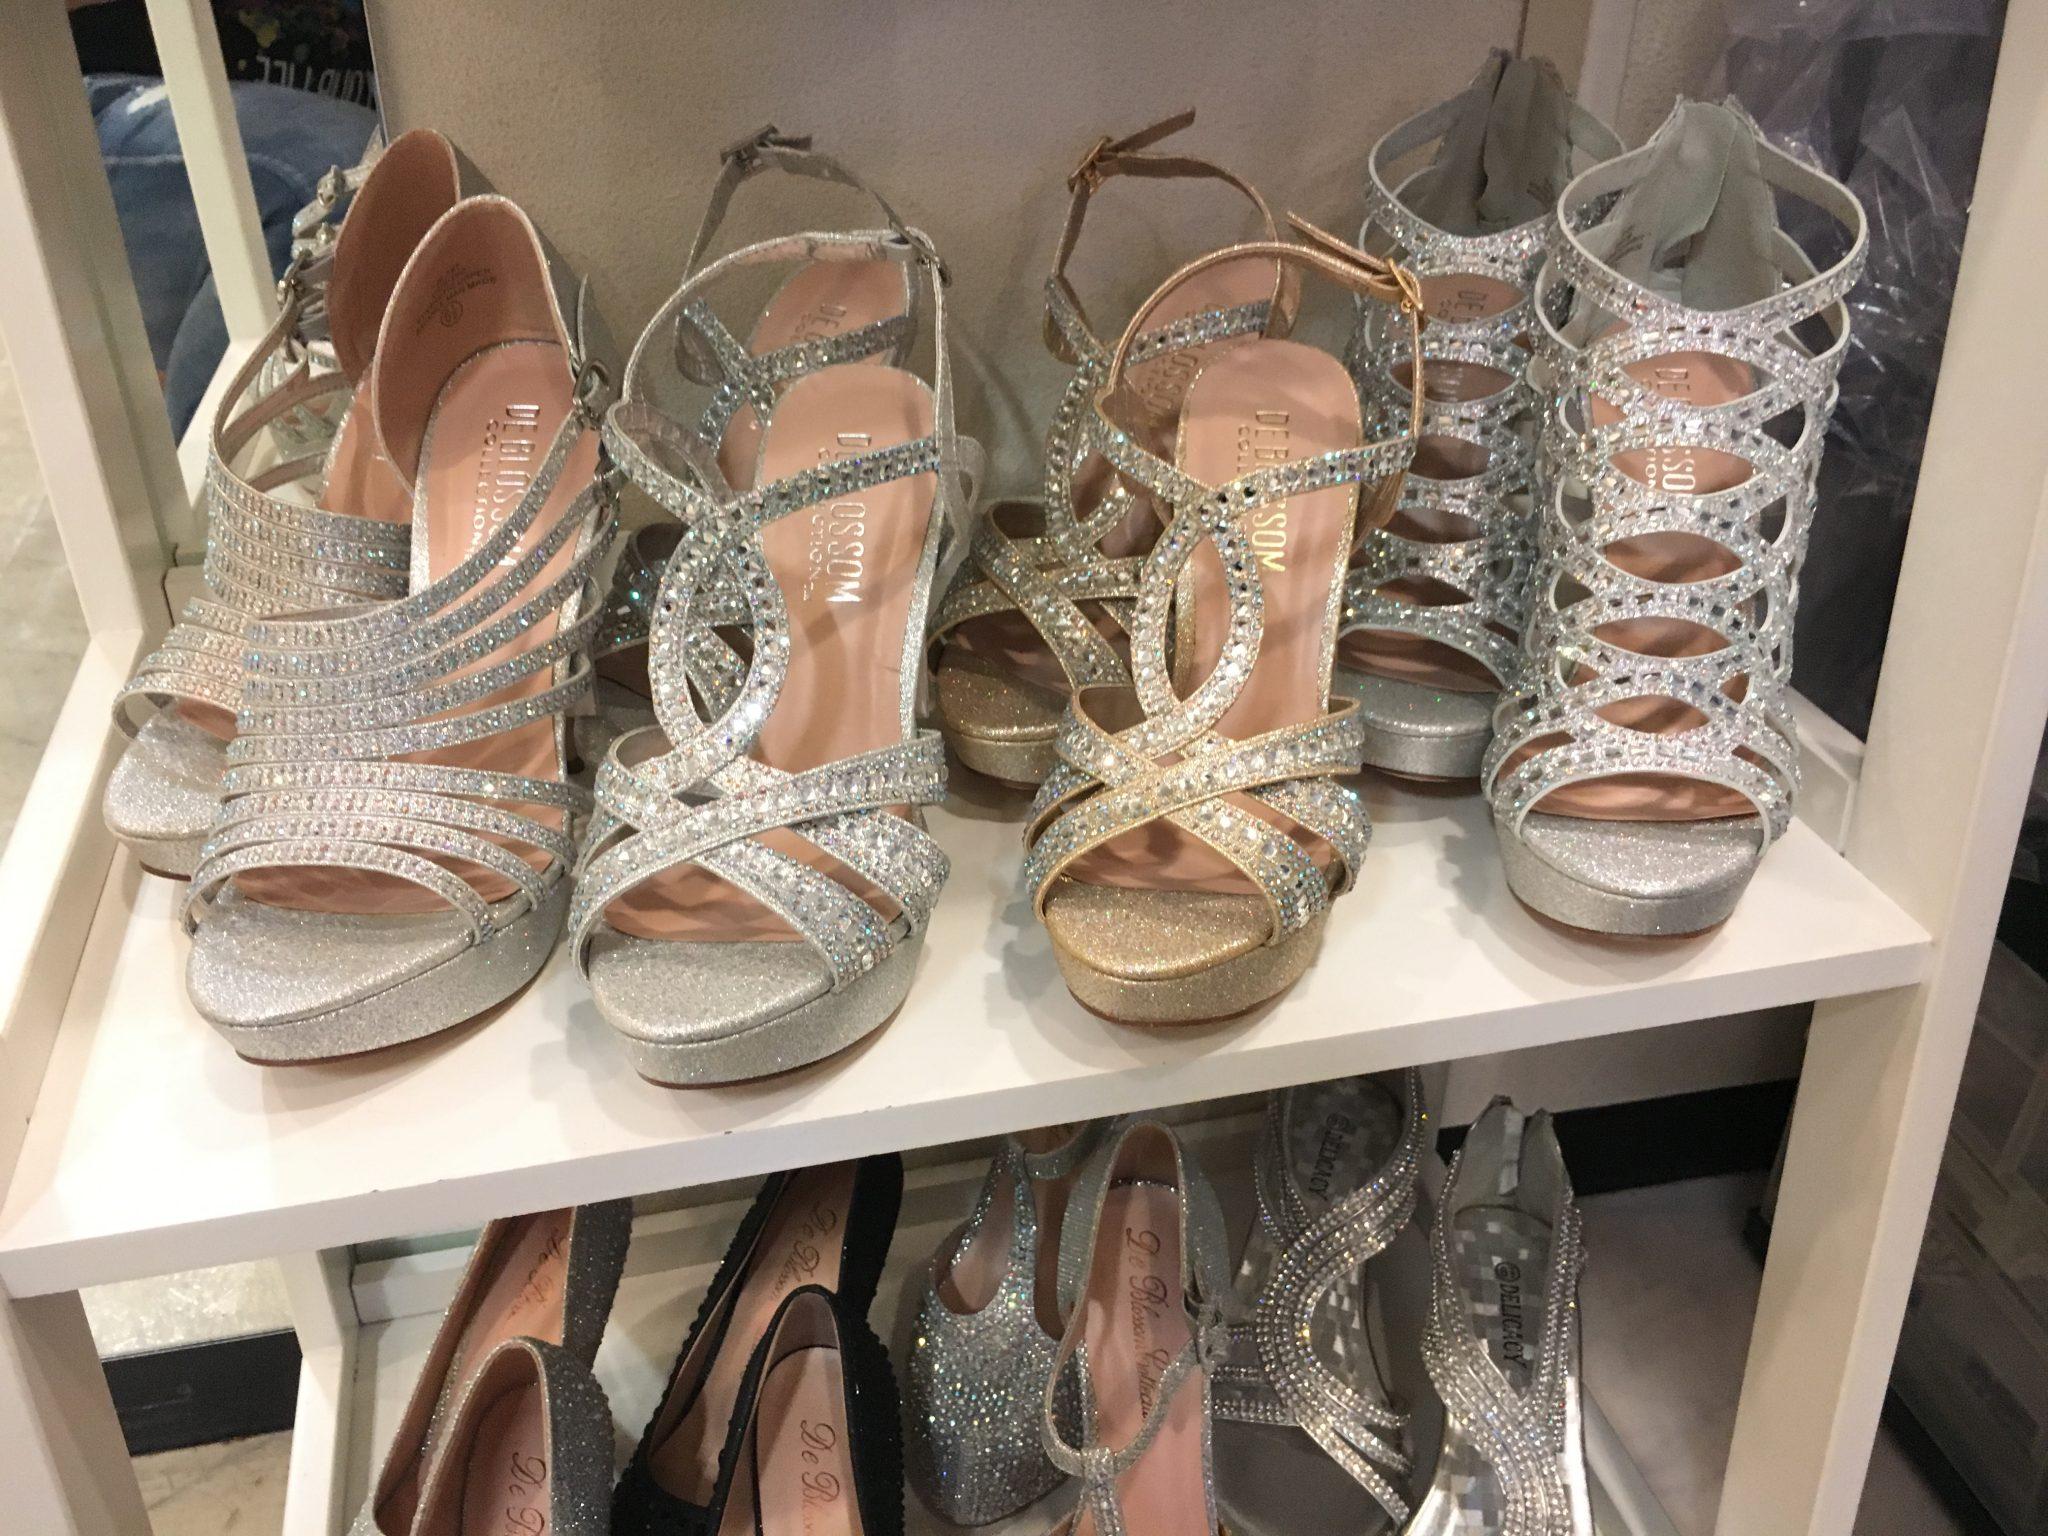 ROSEドレスショップローズ 中洲店商品(靴)